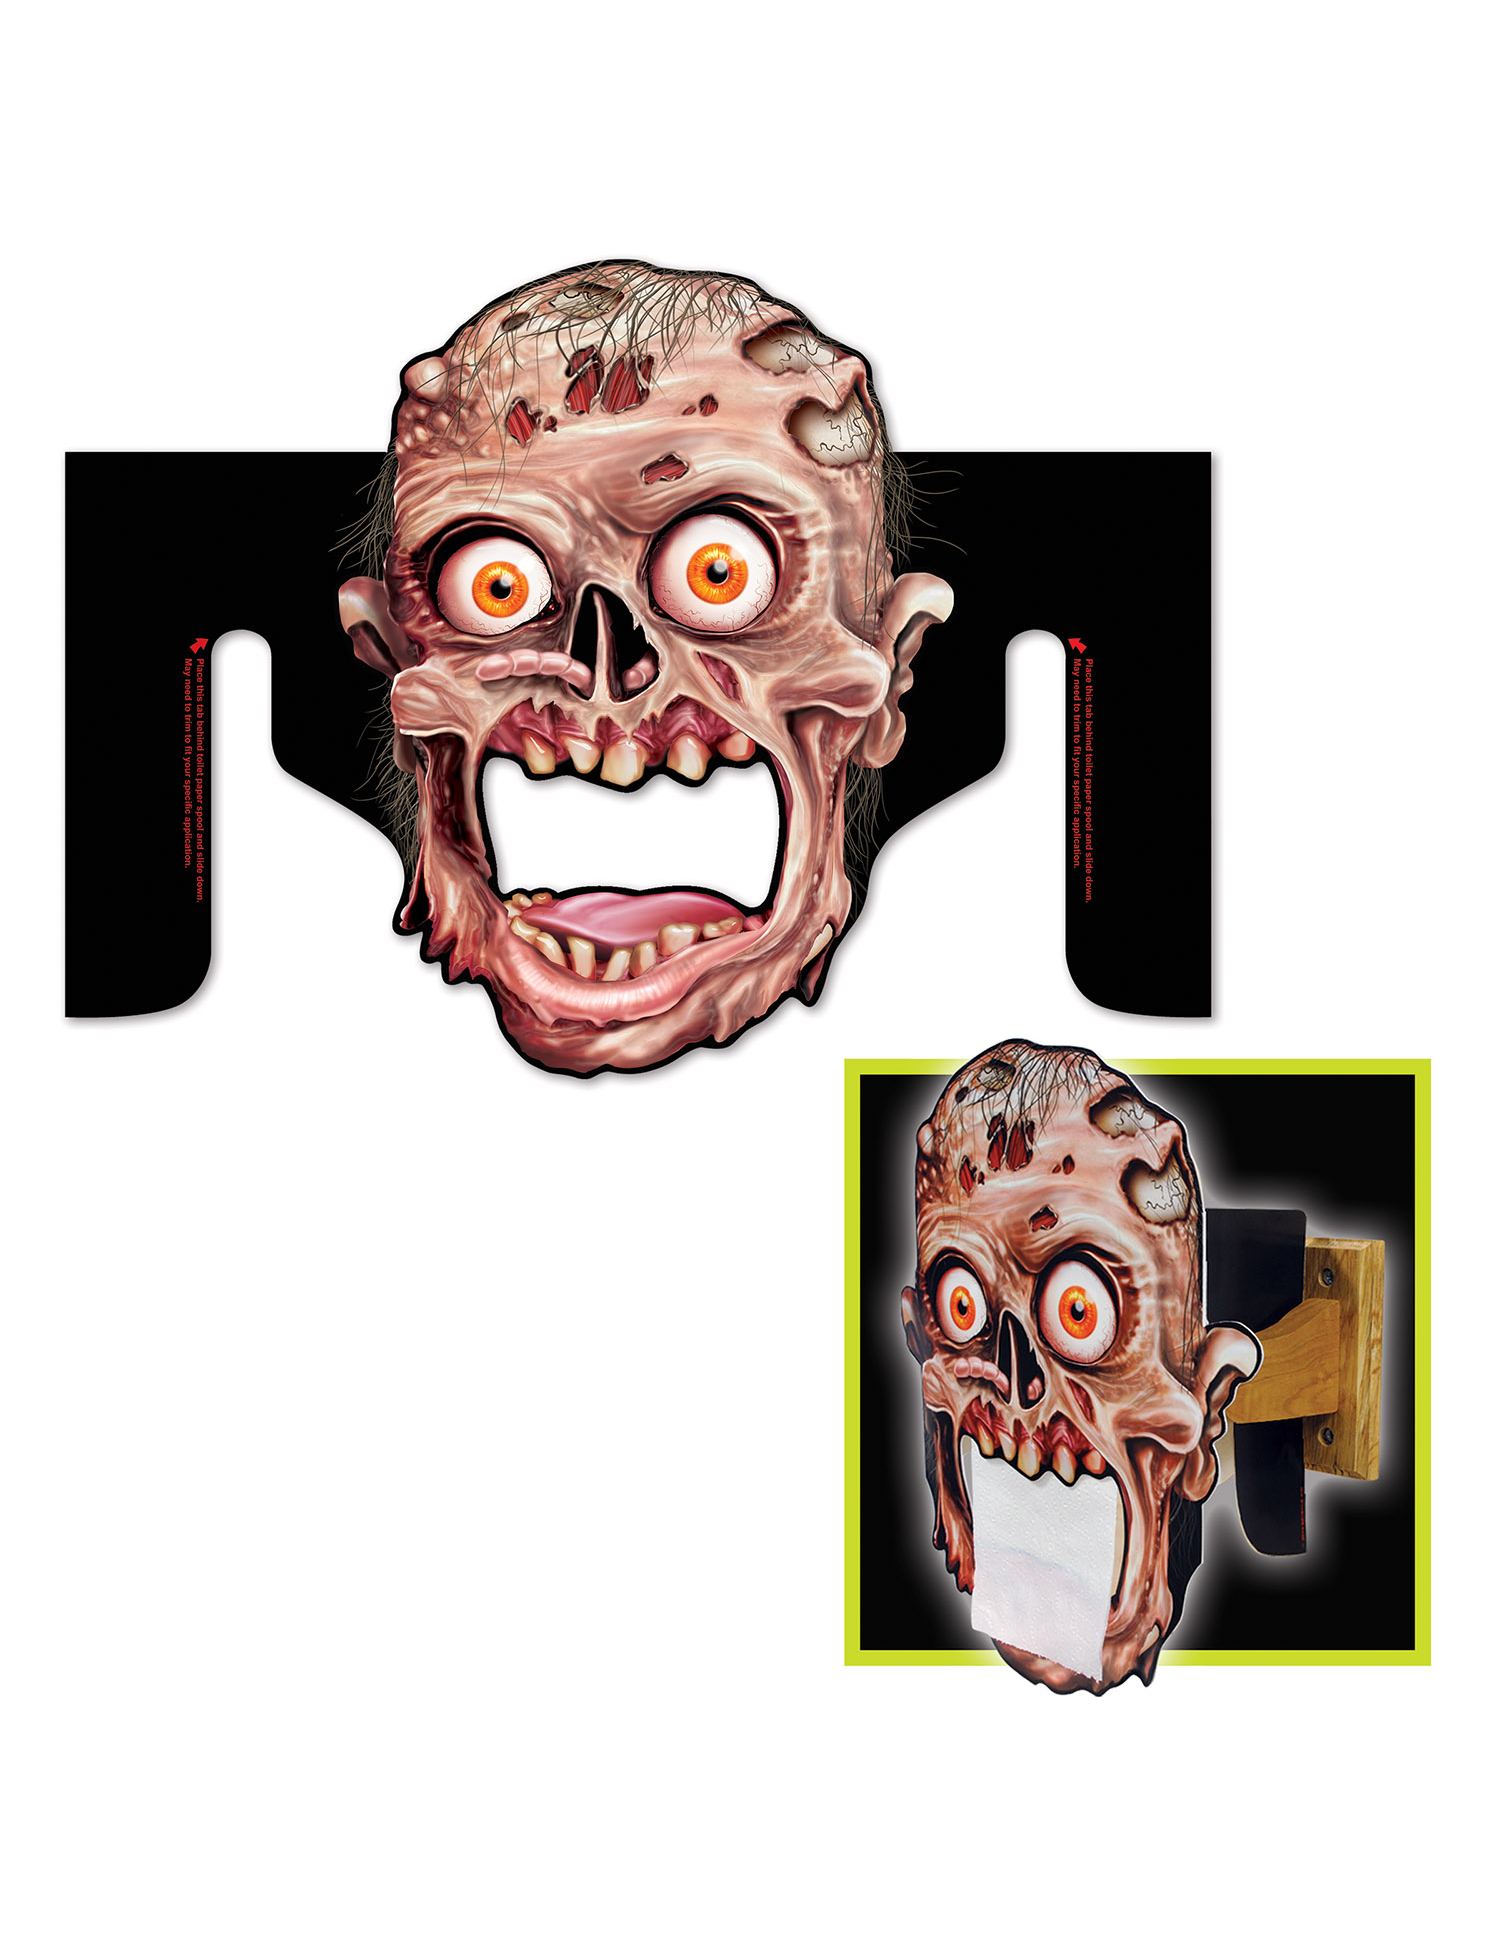 Porta Carta Igienica Originali porta carta igienica a forma di testa di zombie su vegaooparty, negozio di  articoli per feste